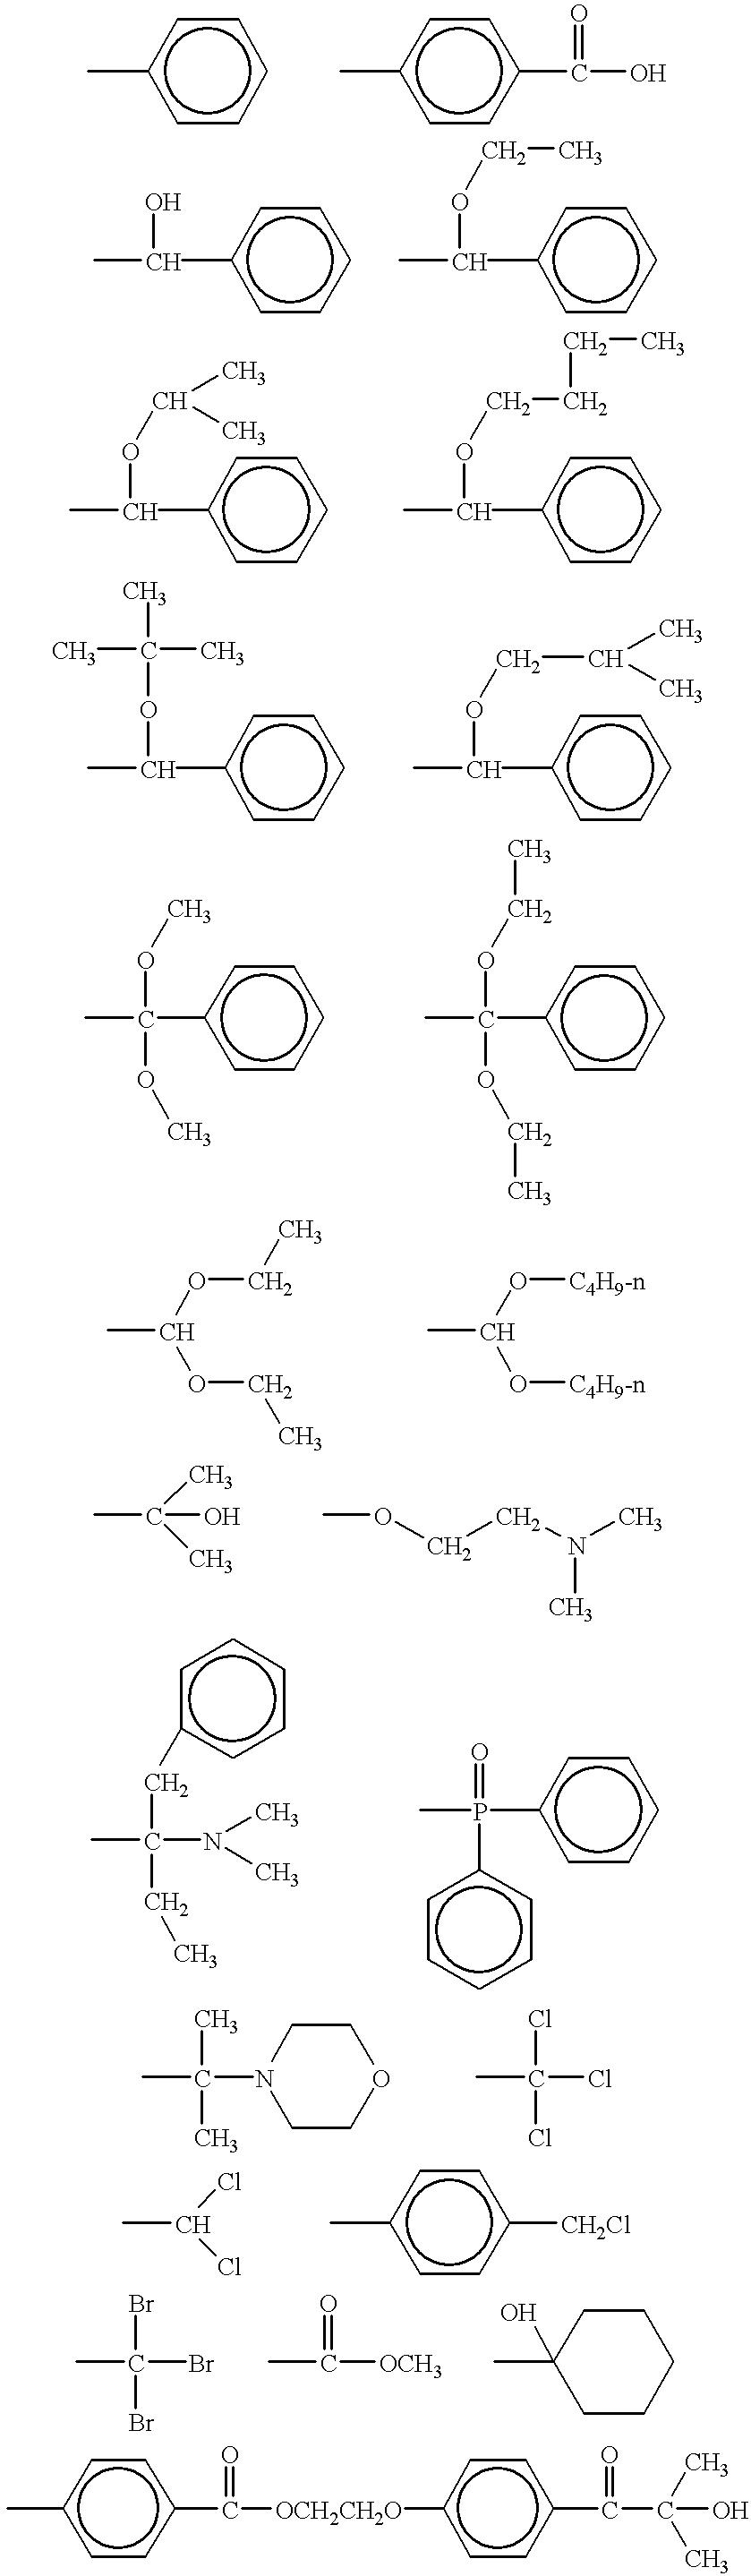 Figure US06242057-20010605-C00002